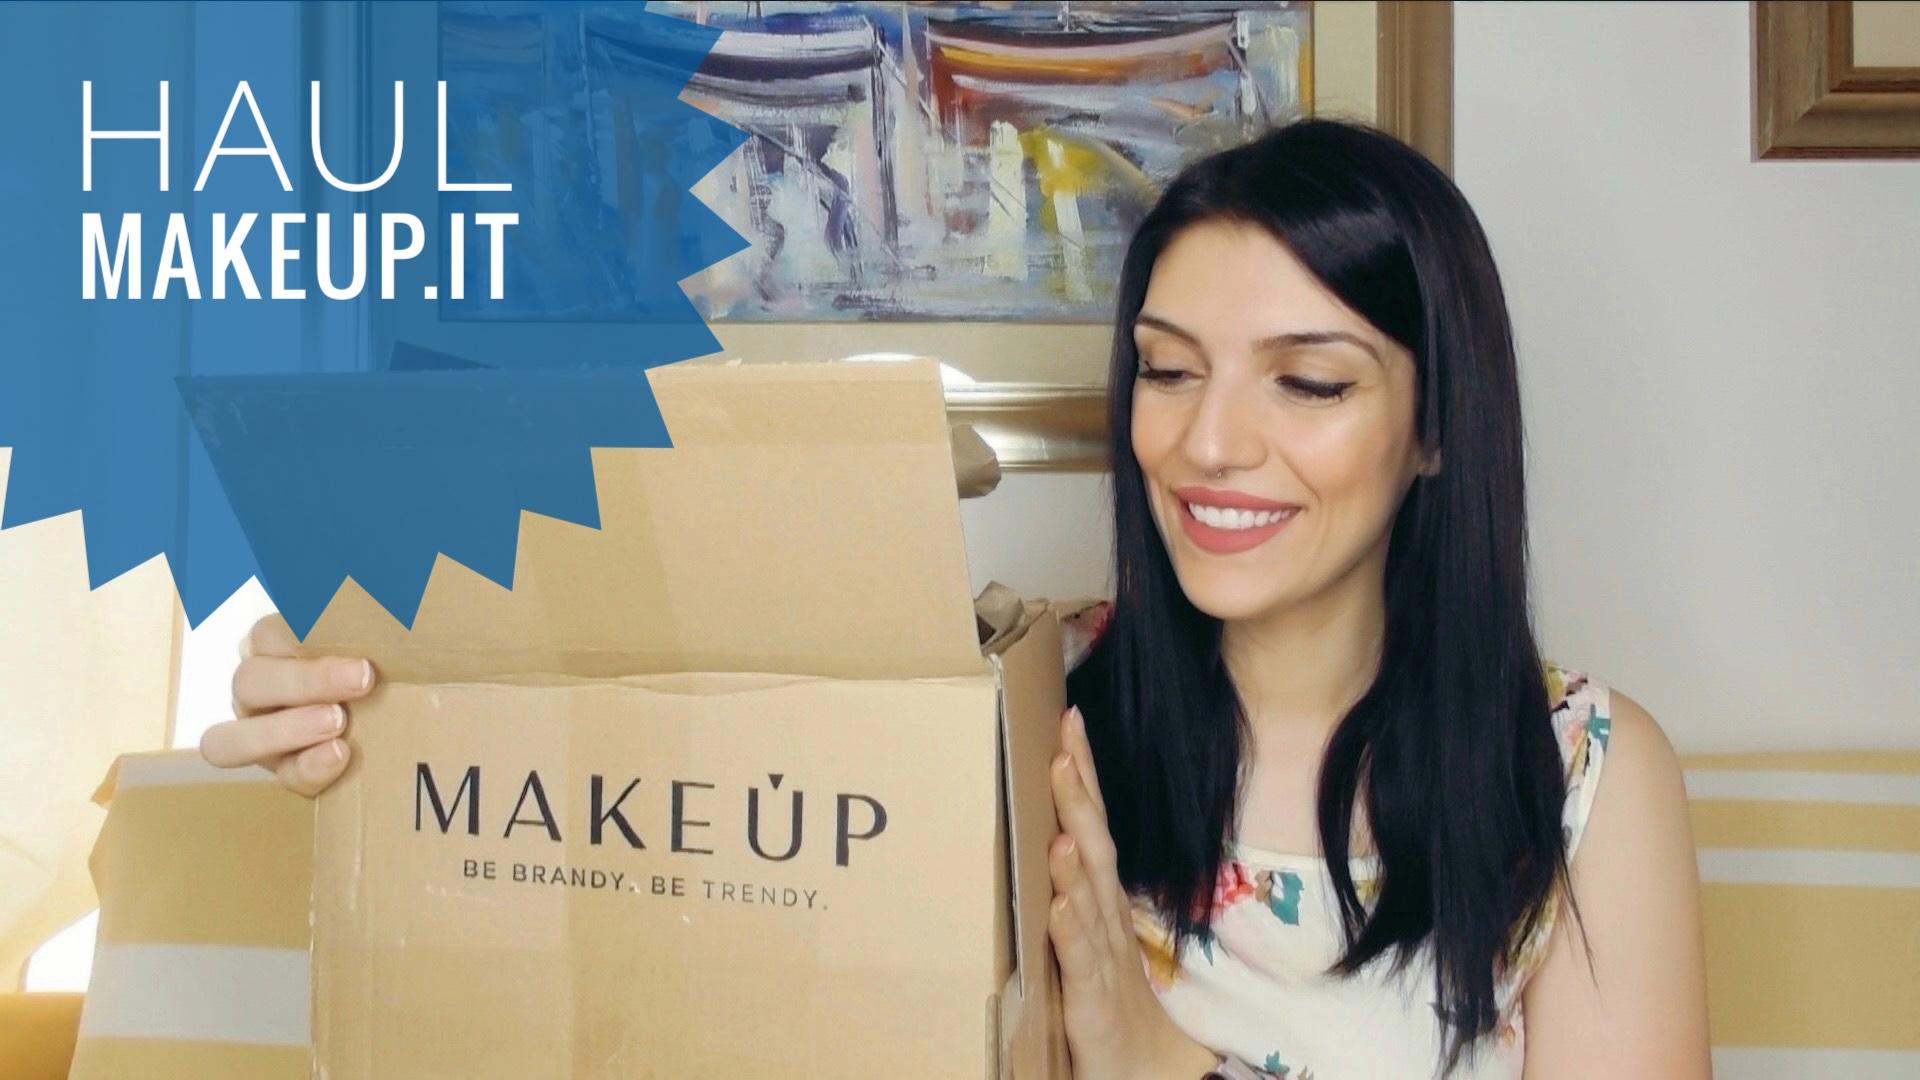 haul makeup